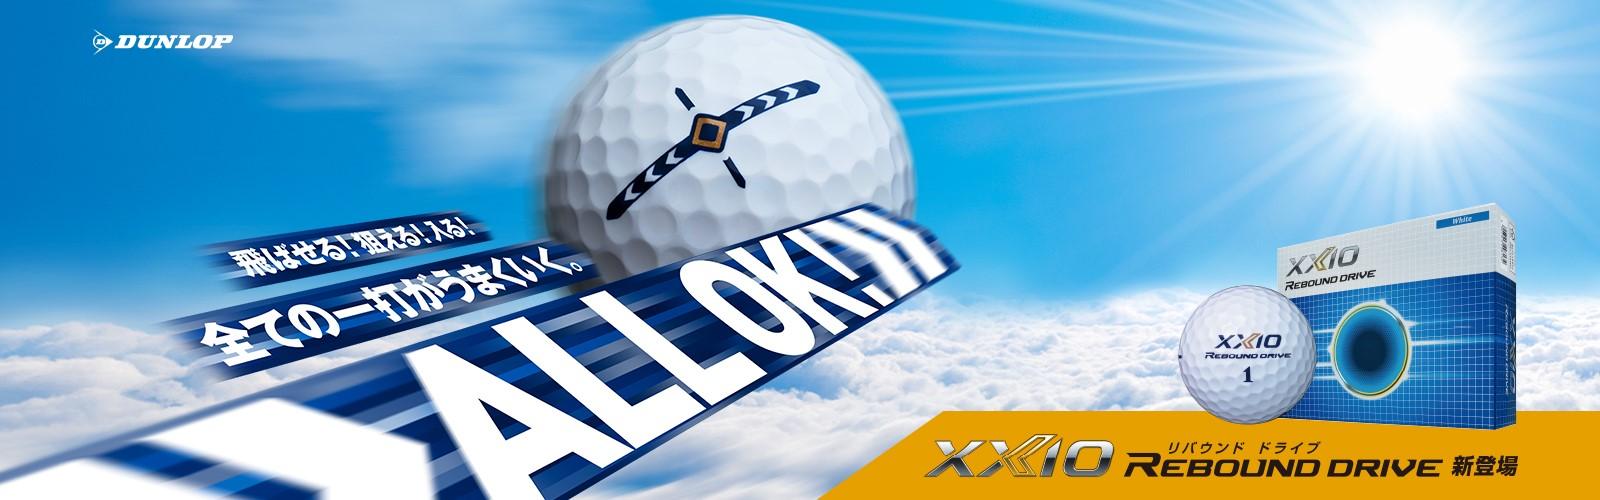 XXIO新製品のボール「リバウンドドライブ」